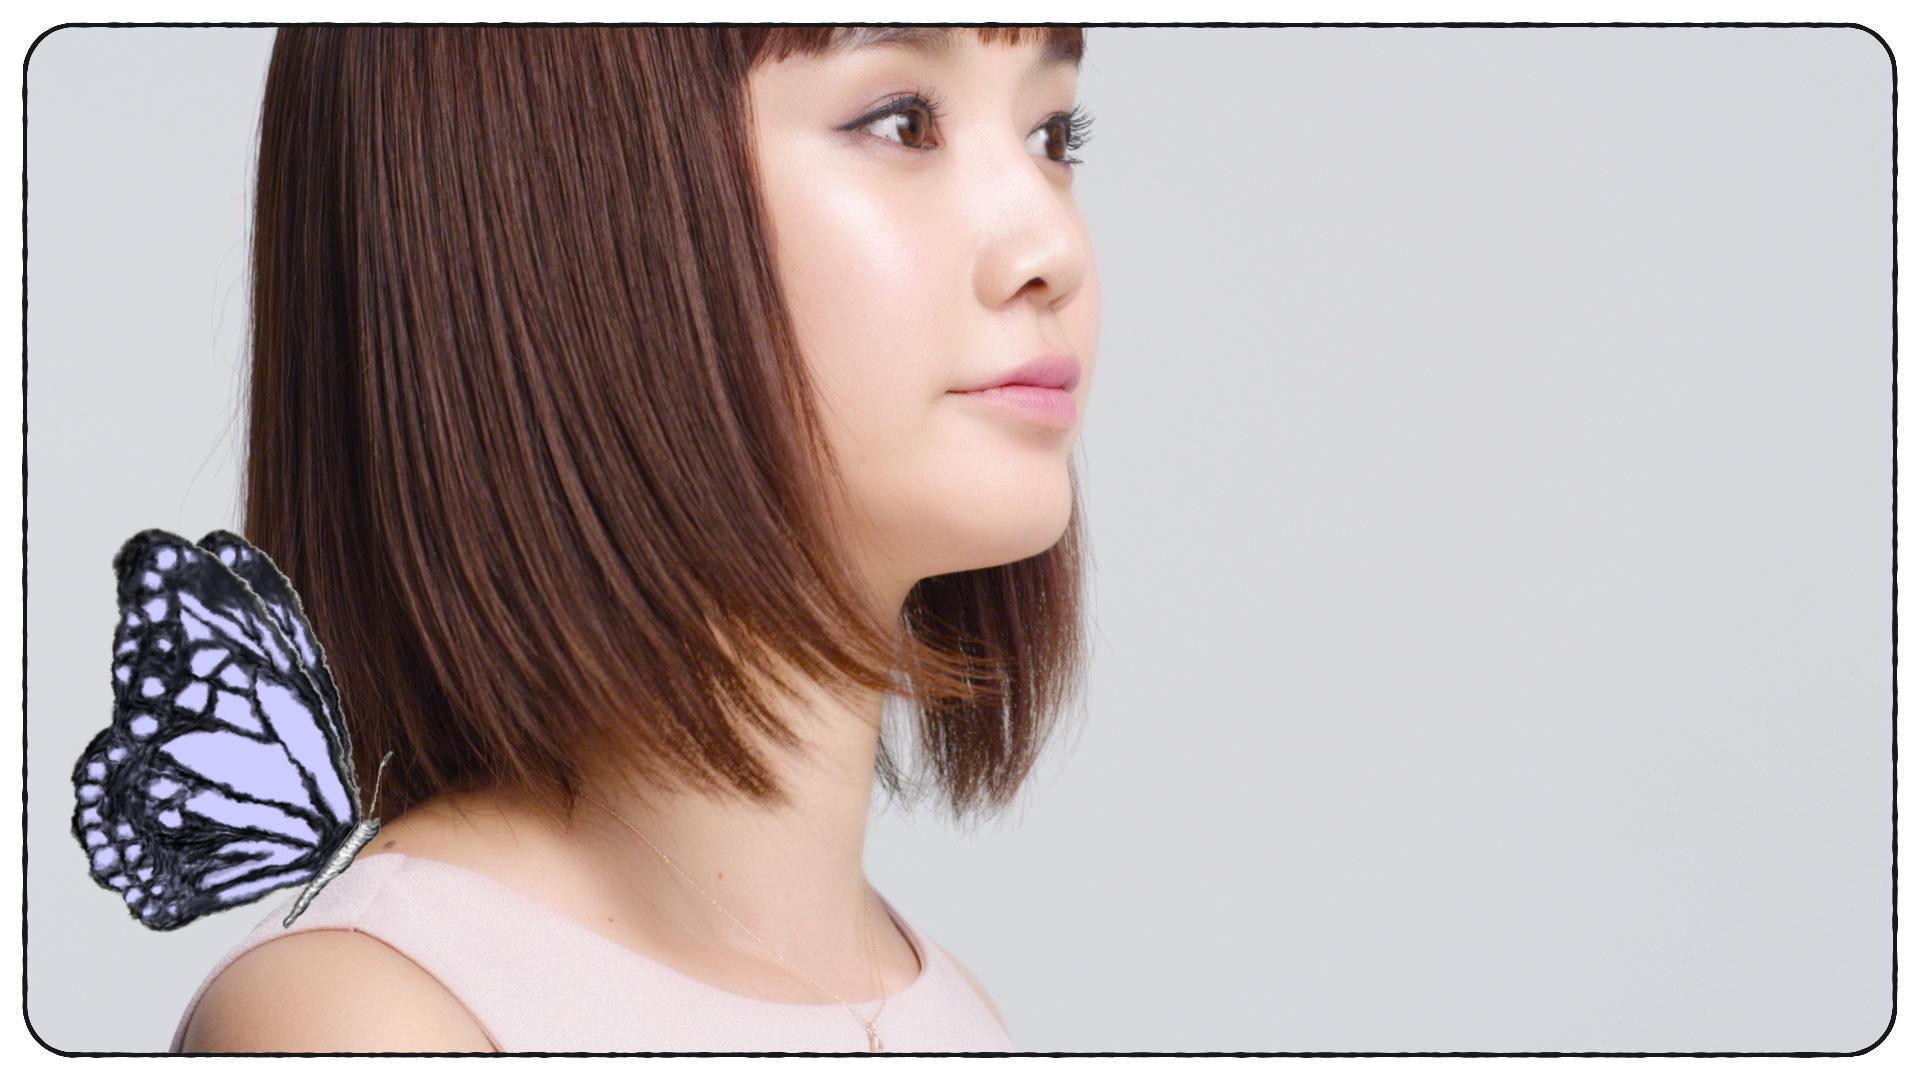 西本早希さん登場!インタビューも必見、資生堂スペシャル映像公開